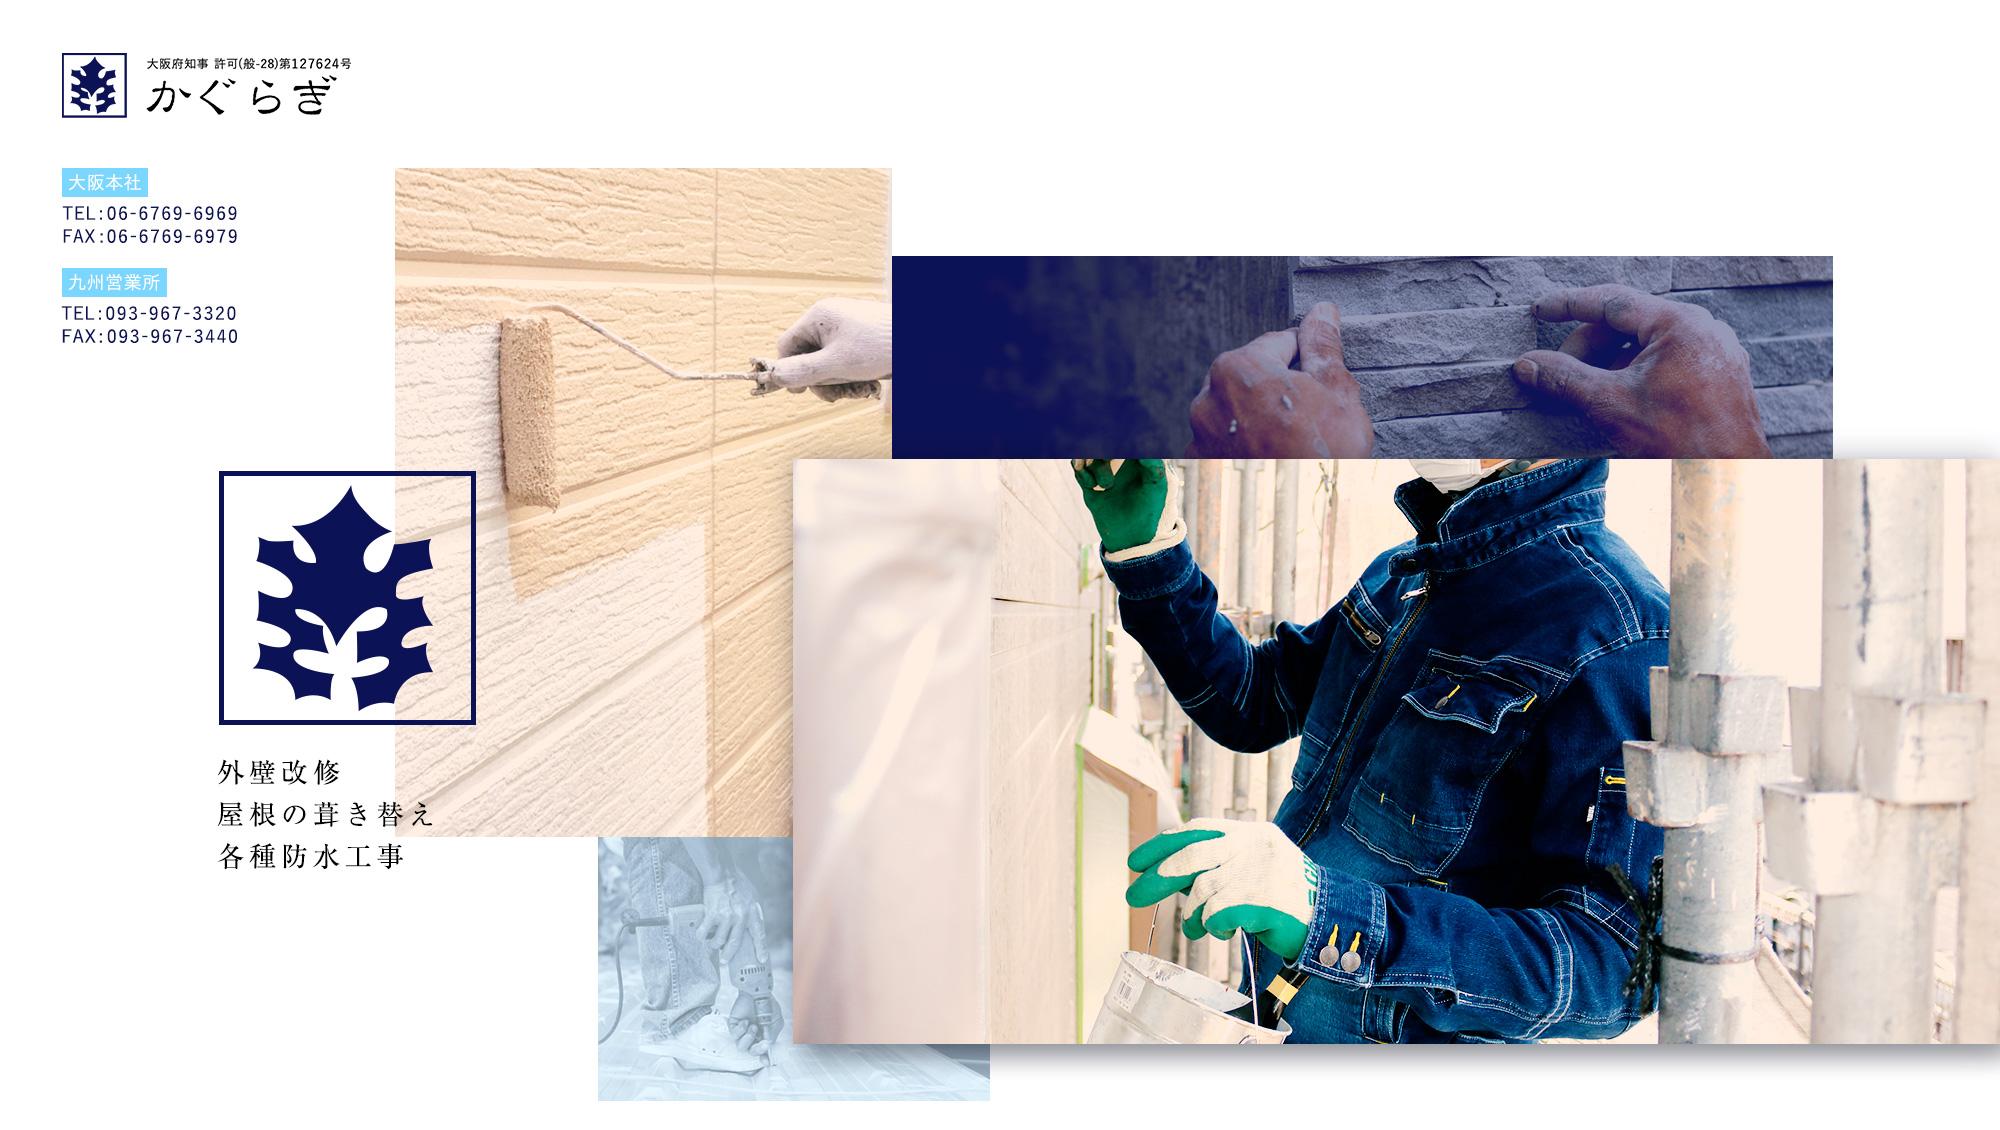 外壁改修・屋根の葺き替え・各種防水工事